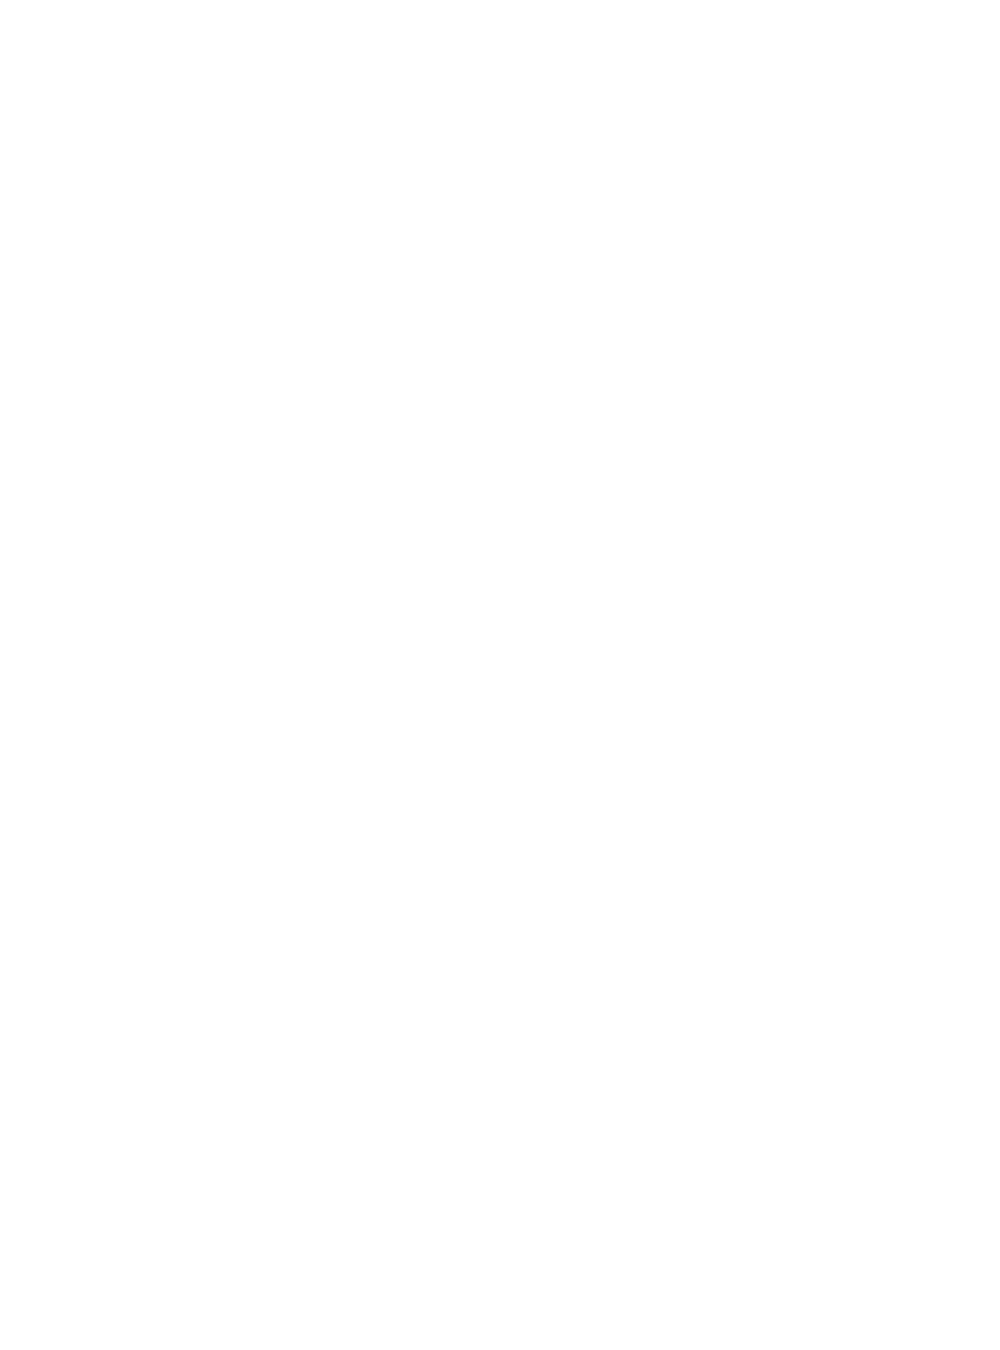 Peter Swanson, Die Gerechte